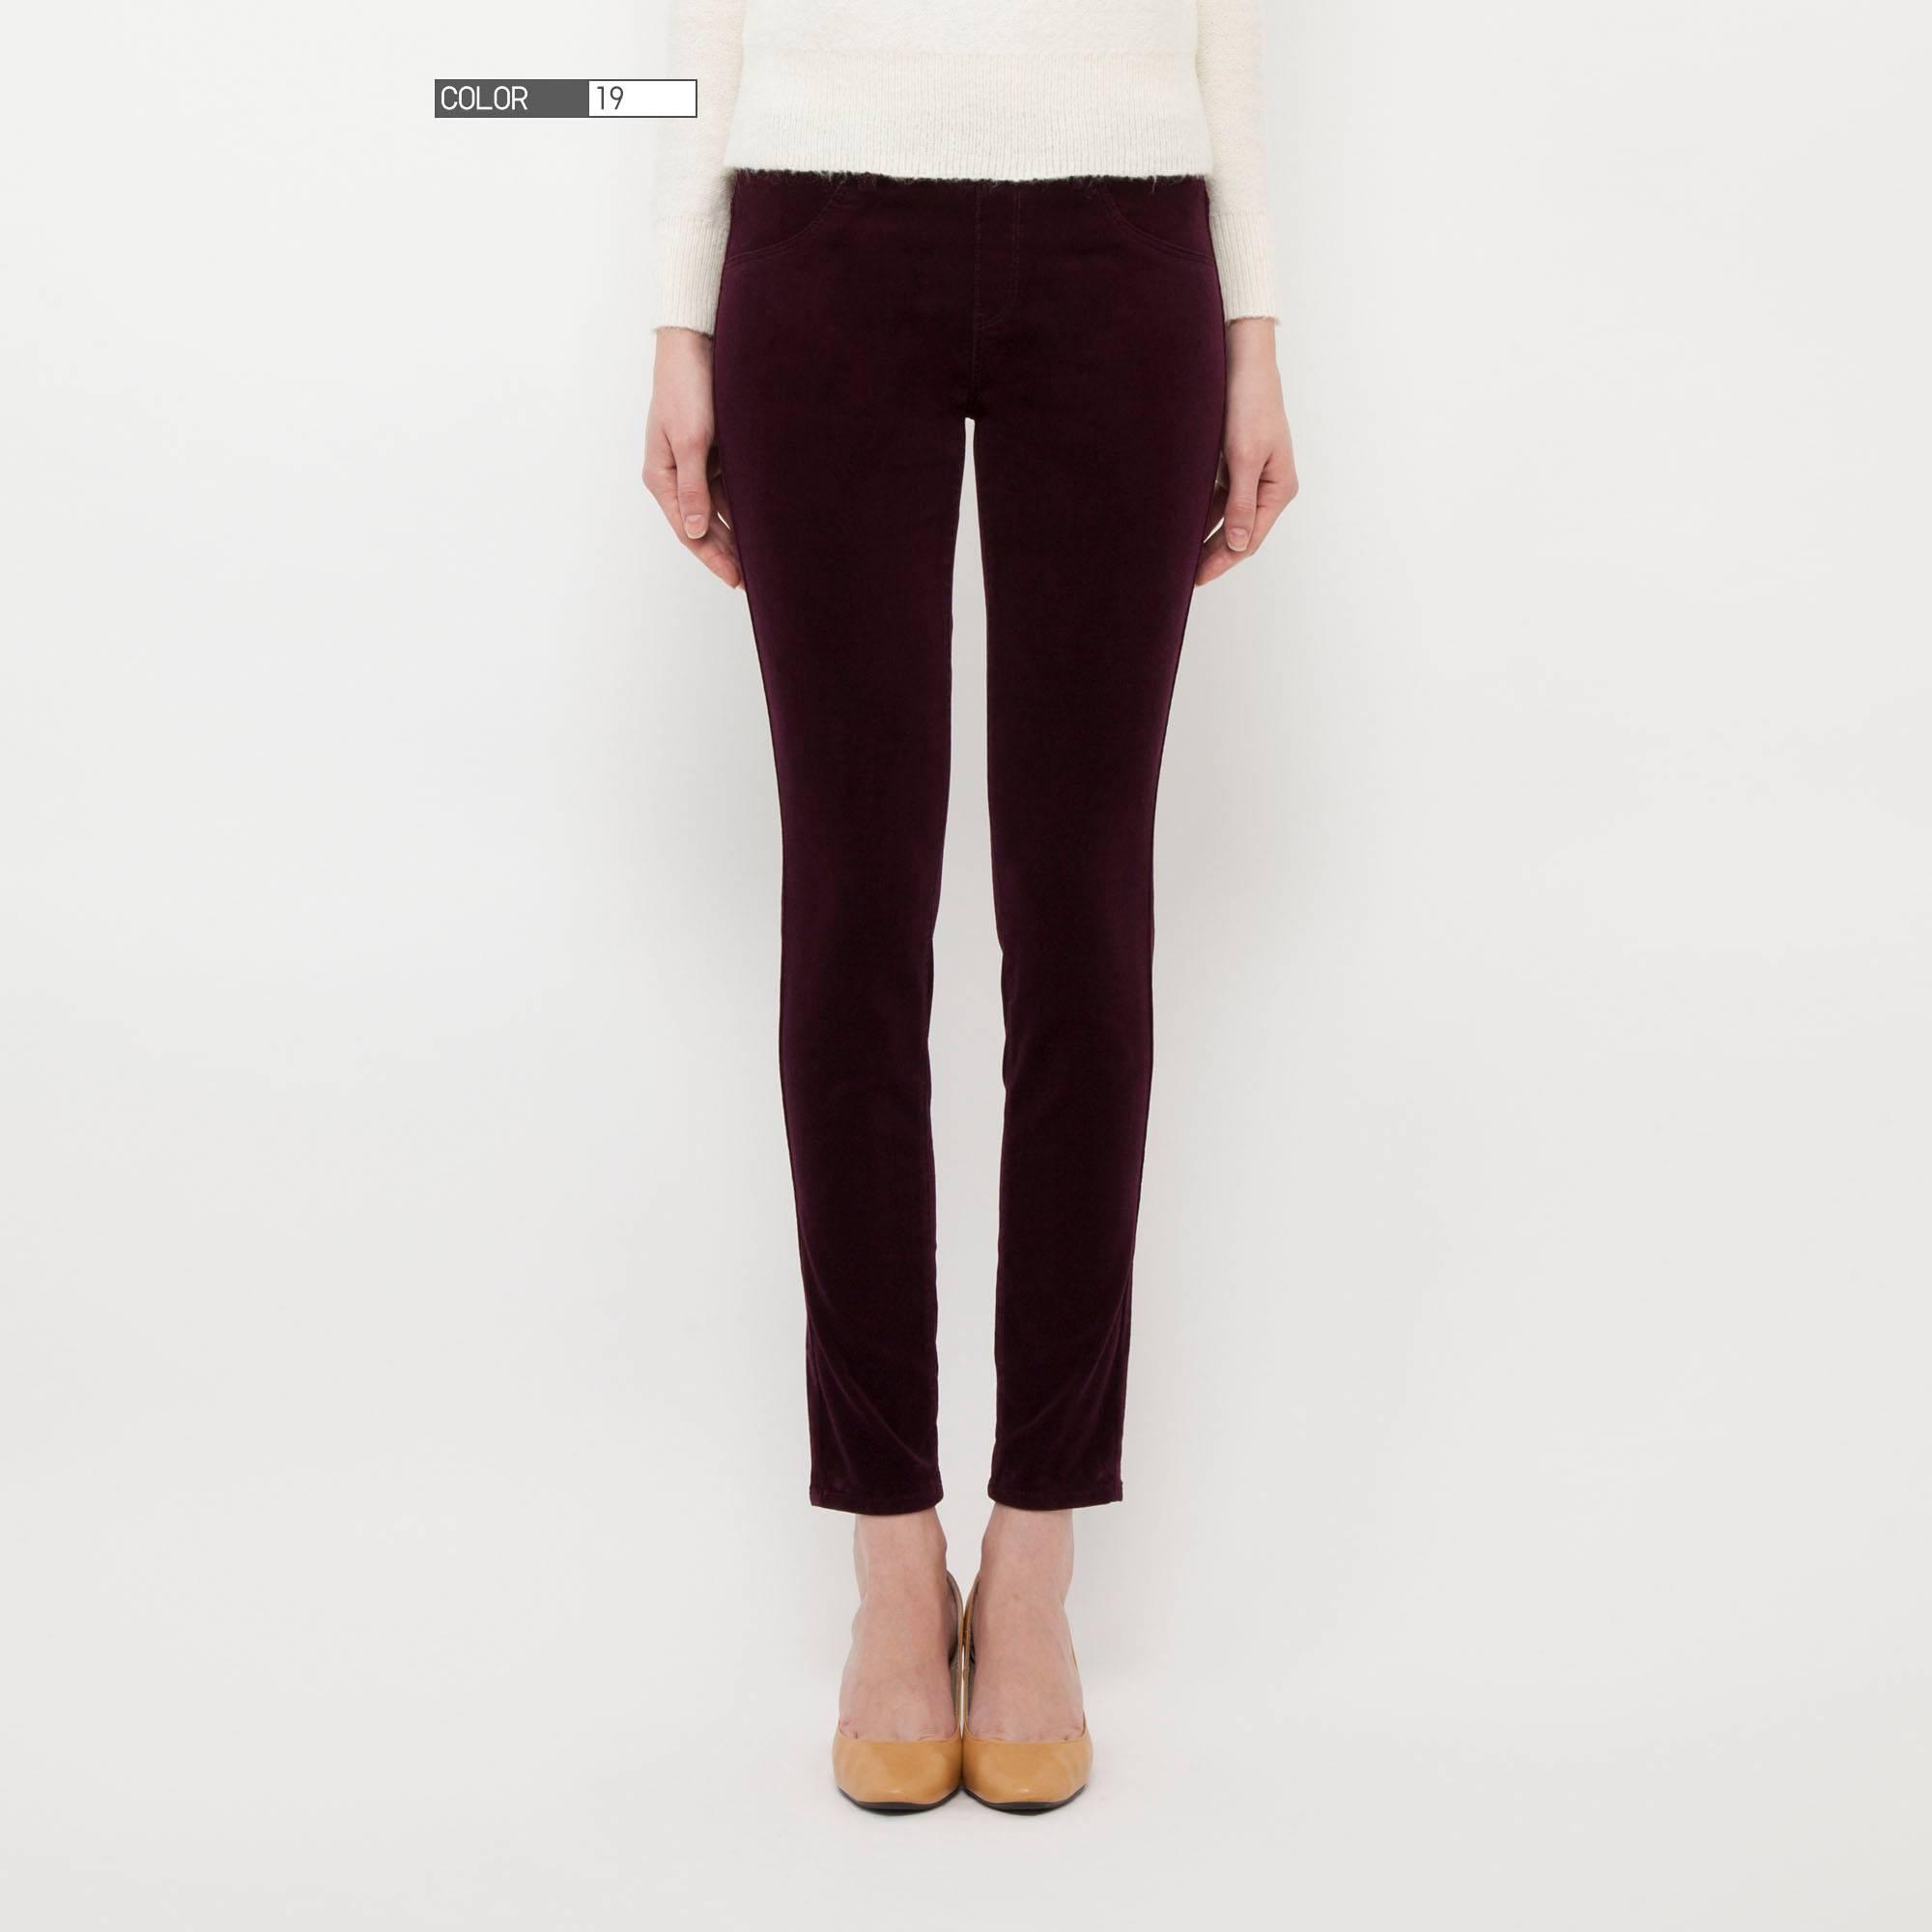 Original Brown Corduroy Pants Vintage Trousers Womens By AncientGoodies